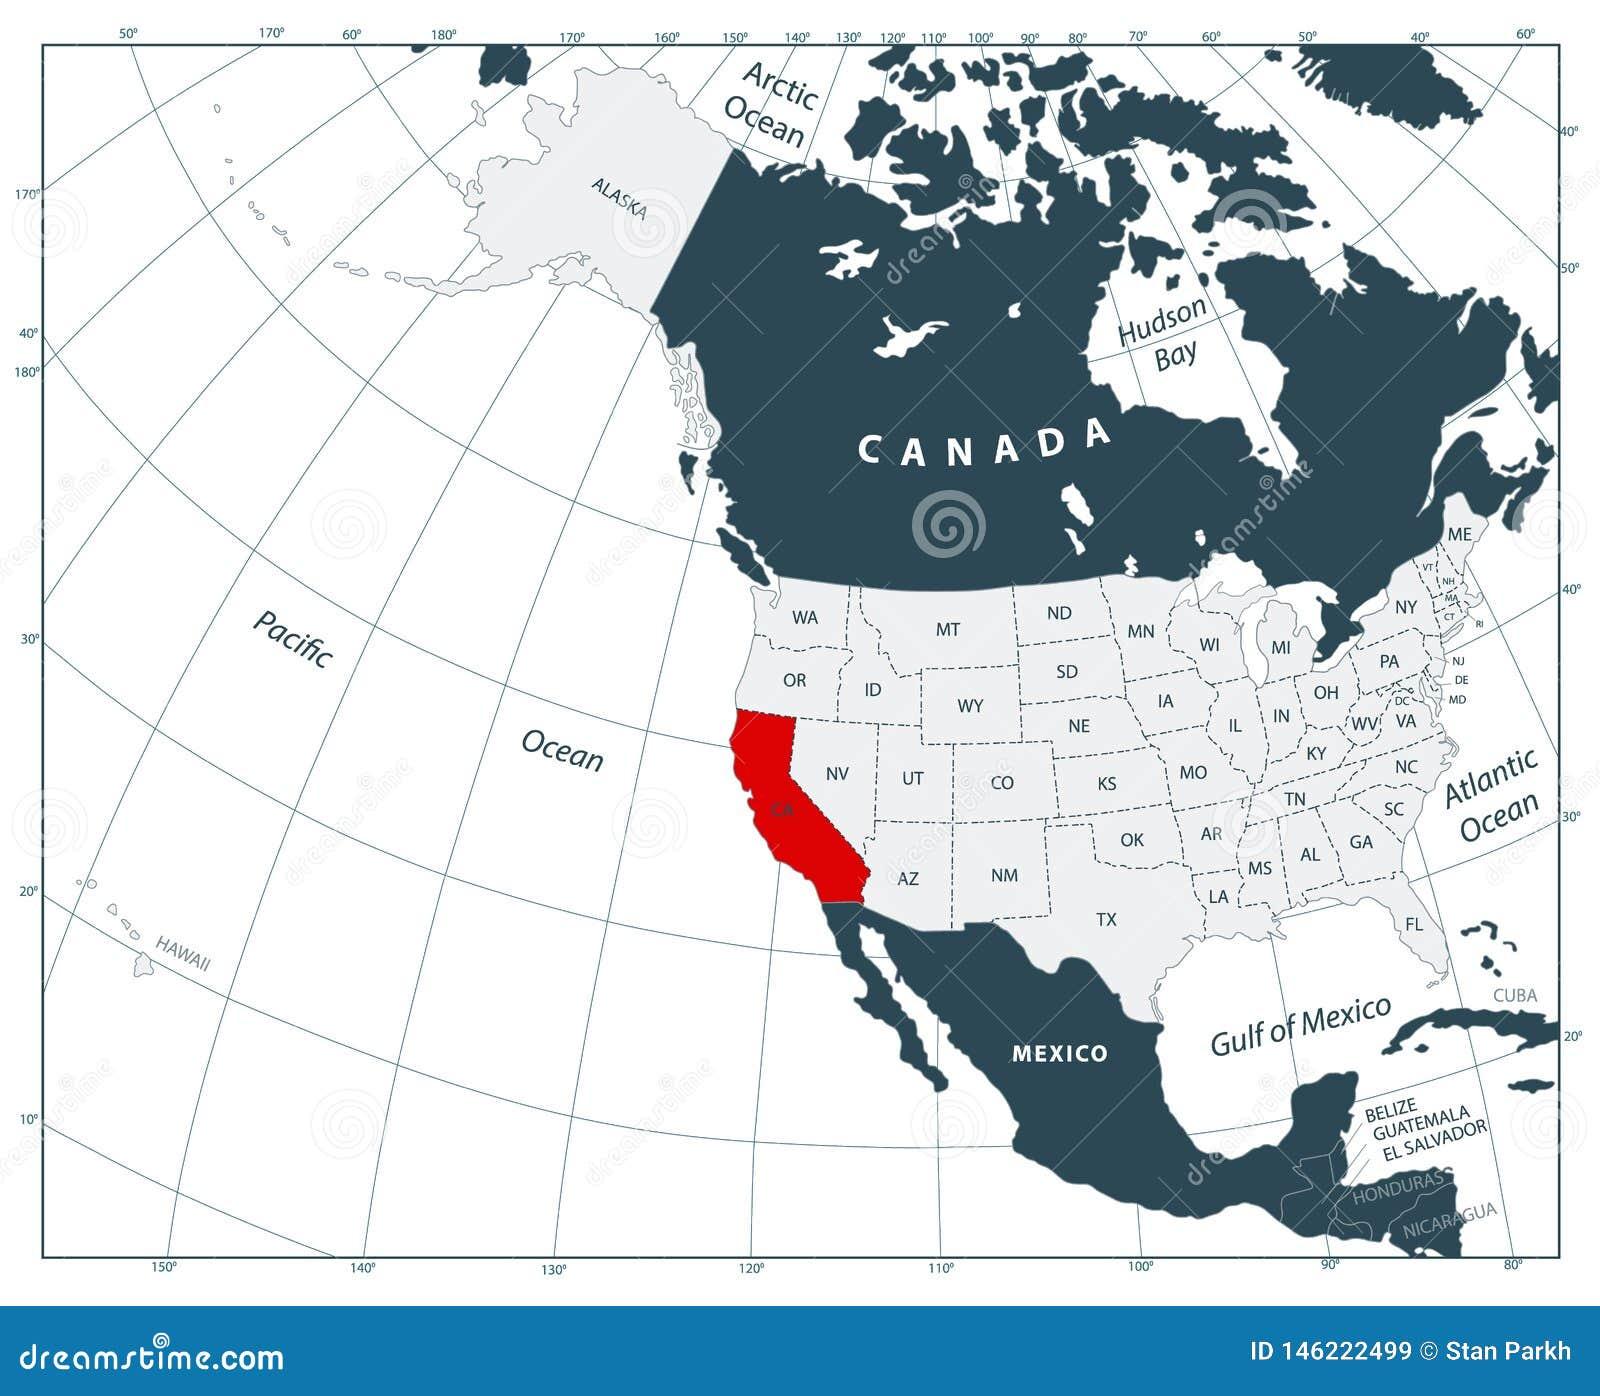 Emplacement D Etat De La Californie Sur La Carte De L Amerique Du Nord Et Emplacement Des Etats Unis Sur La Carte De L Amerique D Illustration De Vecteur Illustration Du Etat Unis 146222499